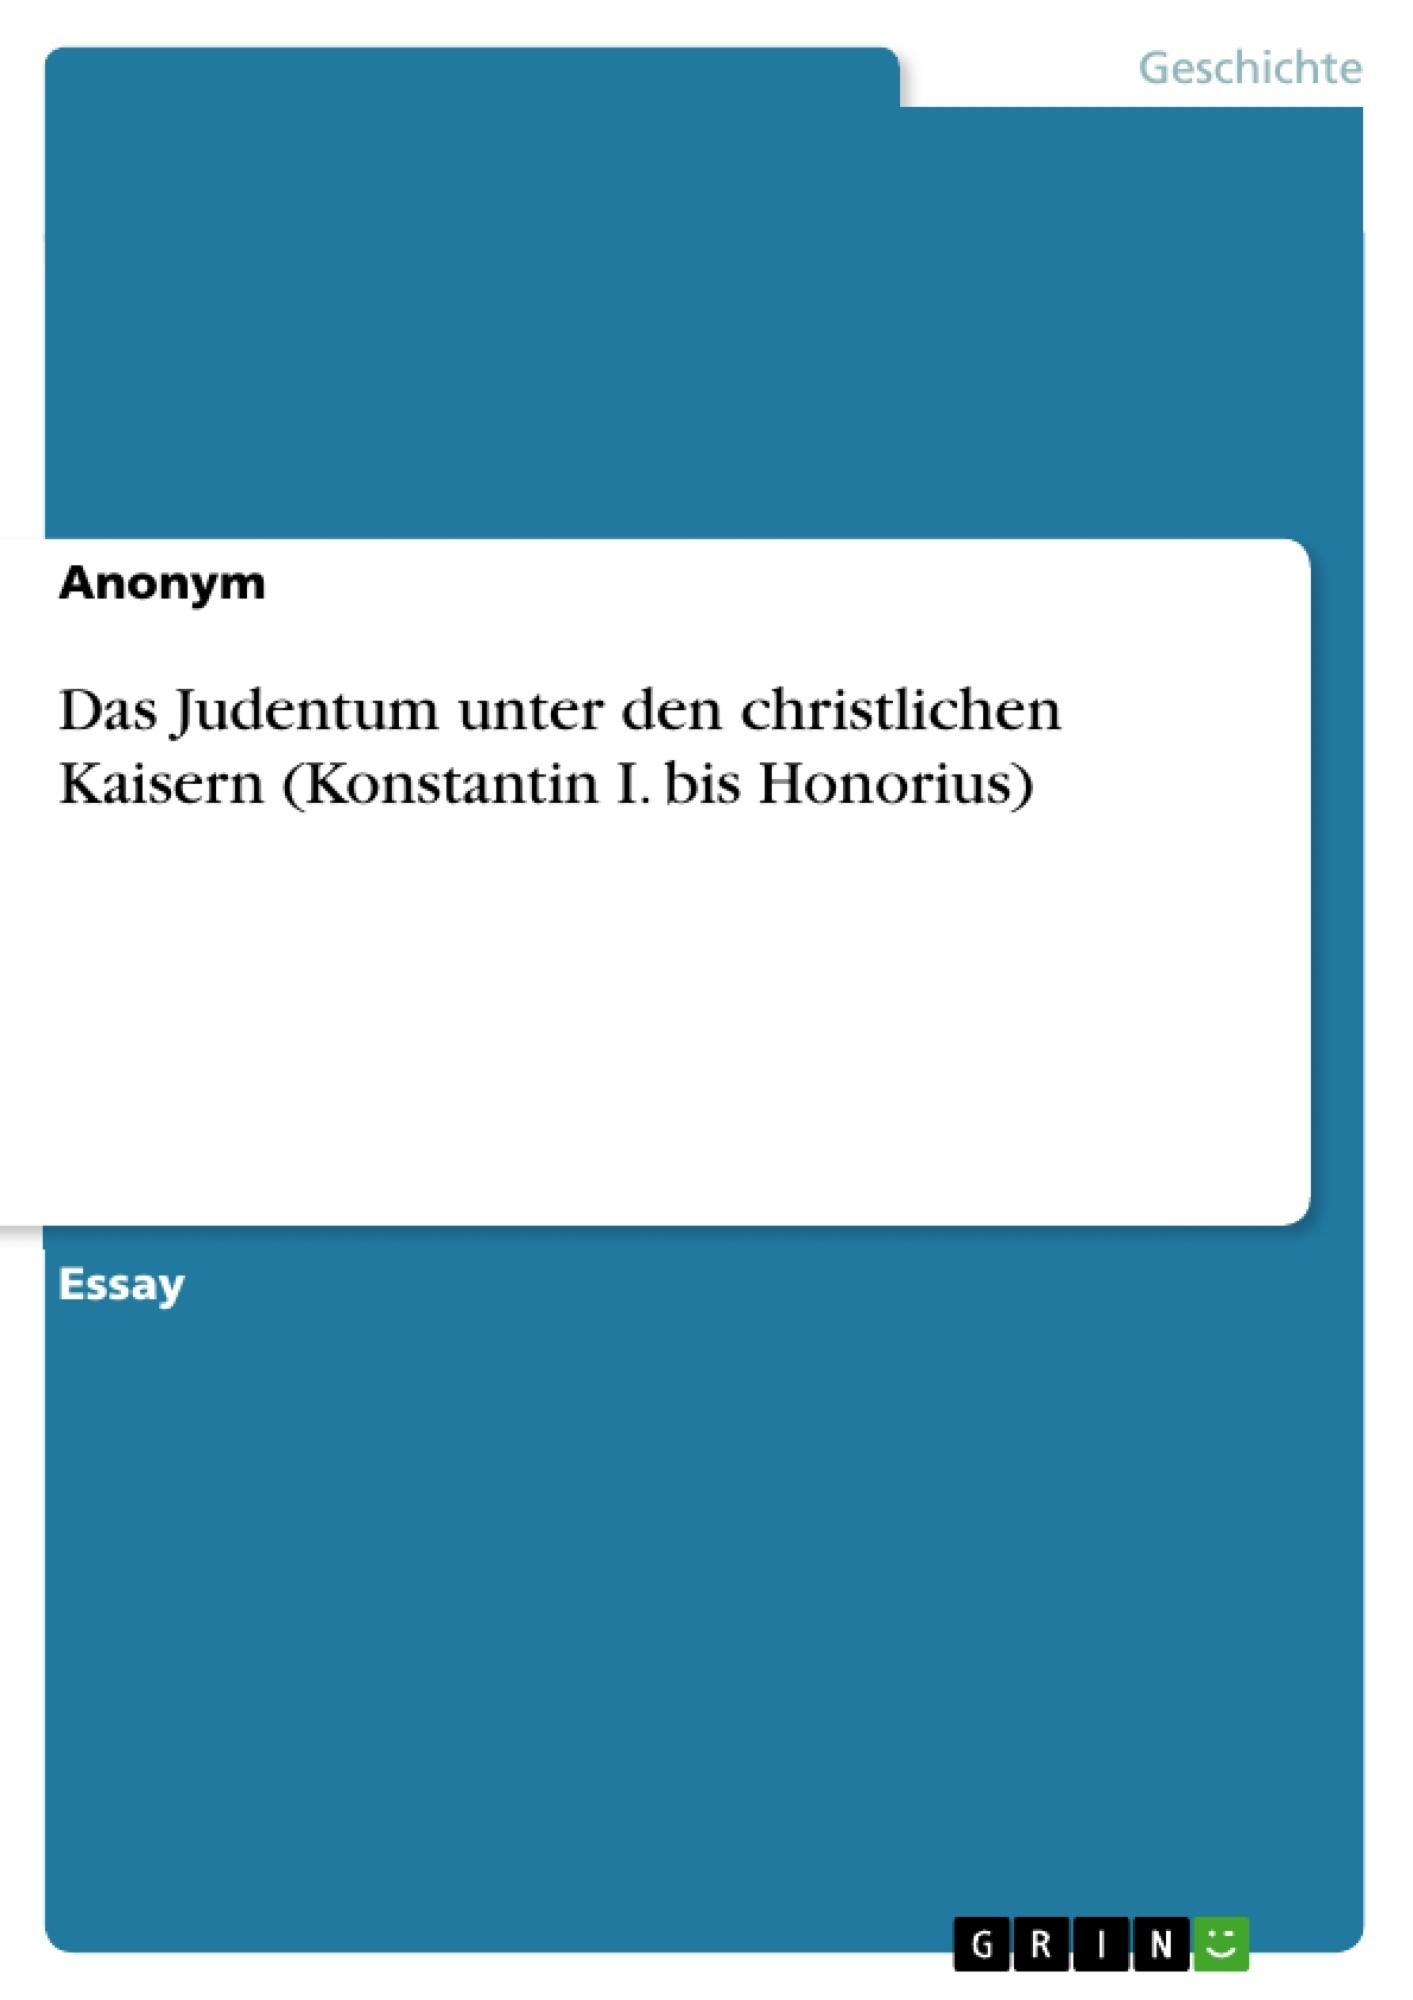 Titel: Das Judentum unter den christlichen Kaisern (Konstantin I. bis Honorius)